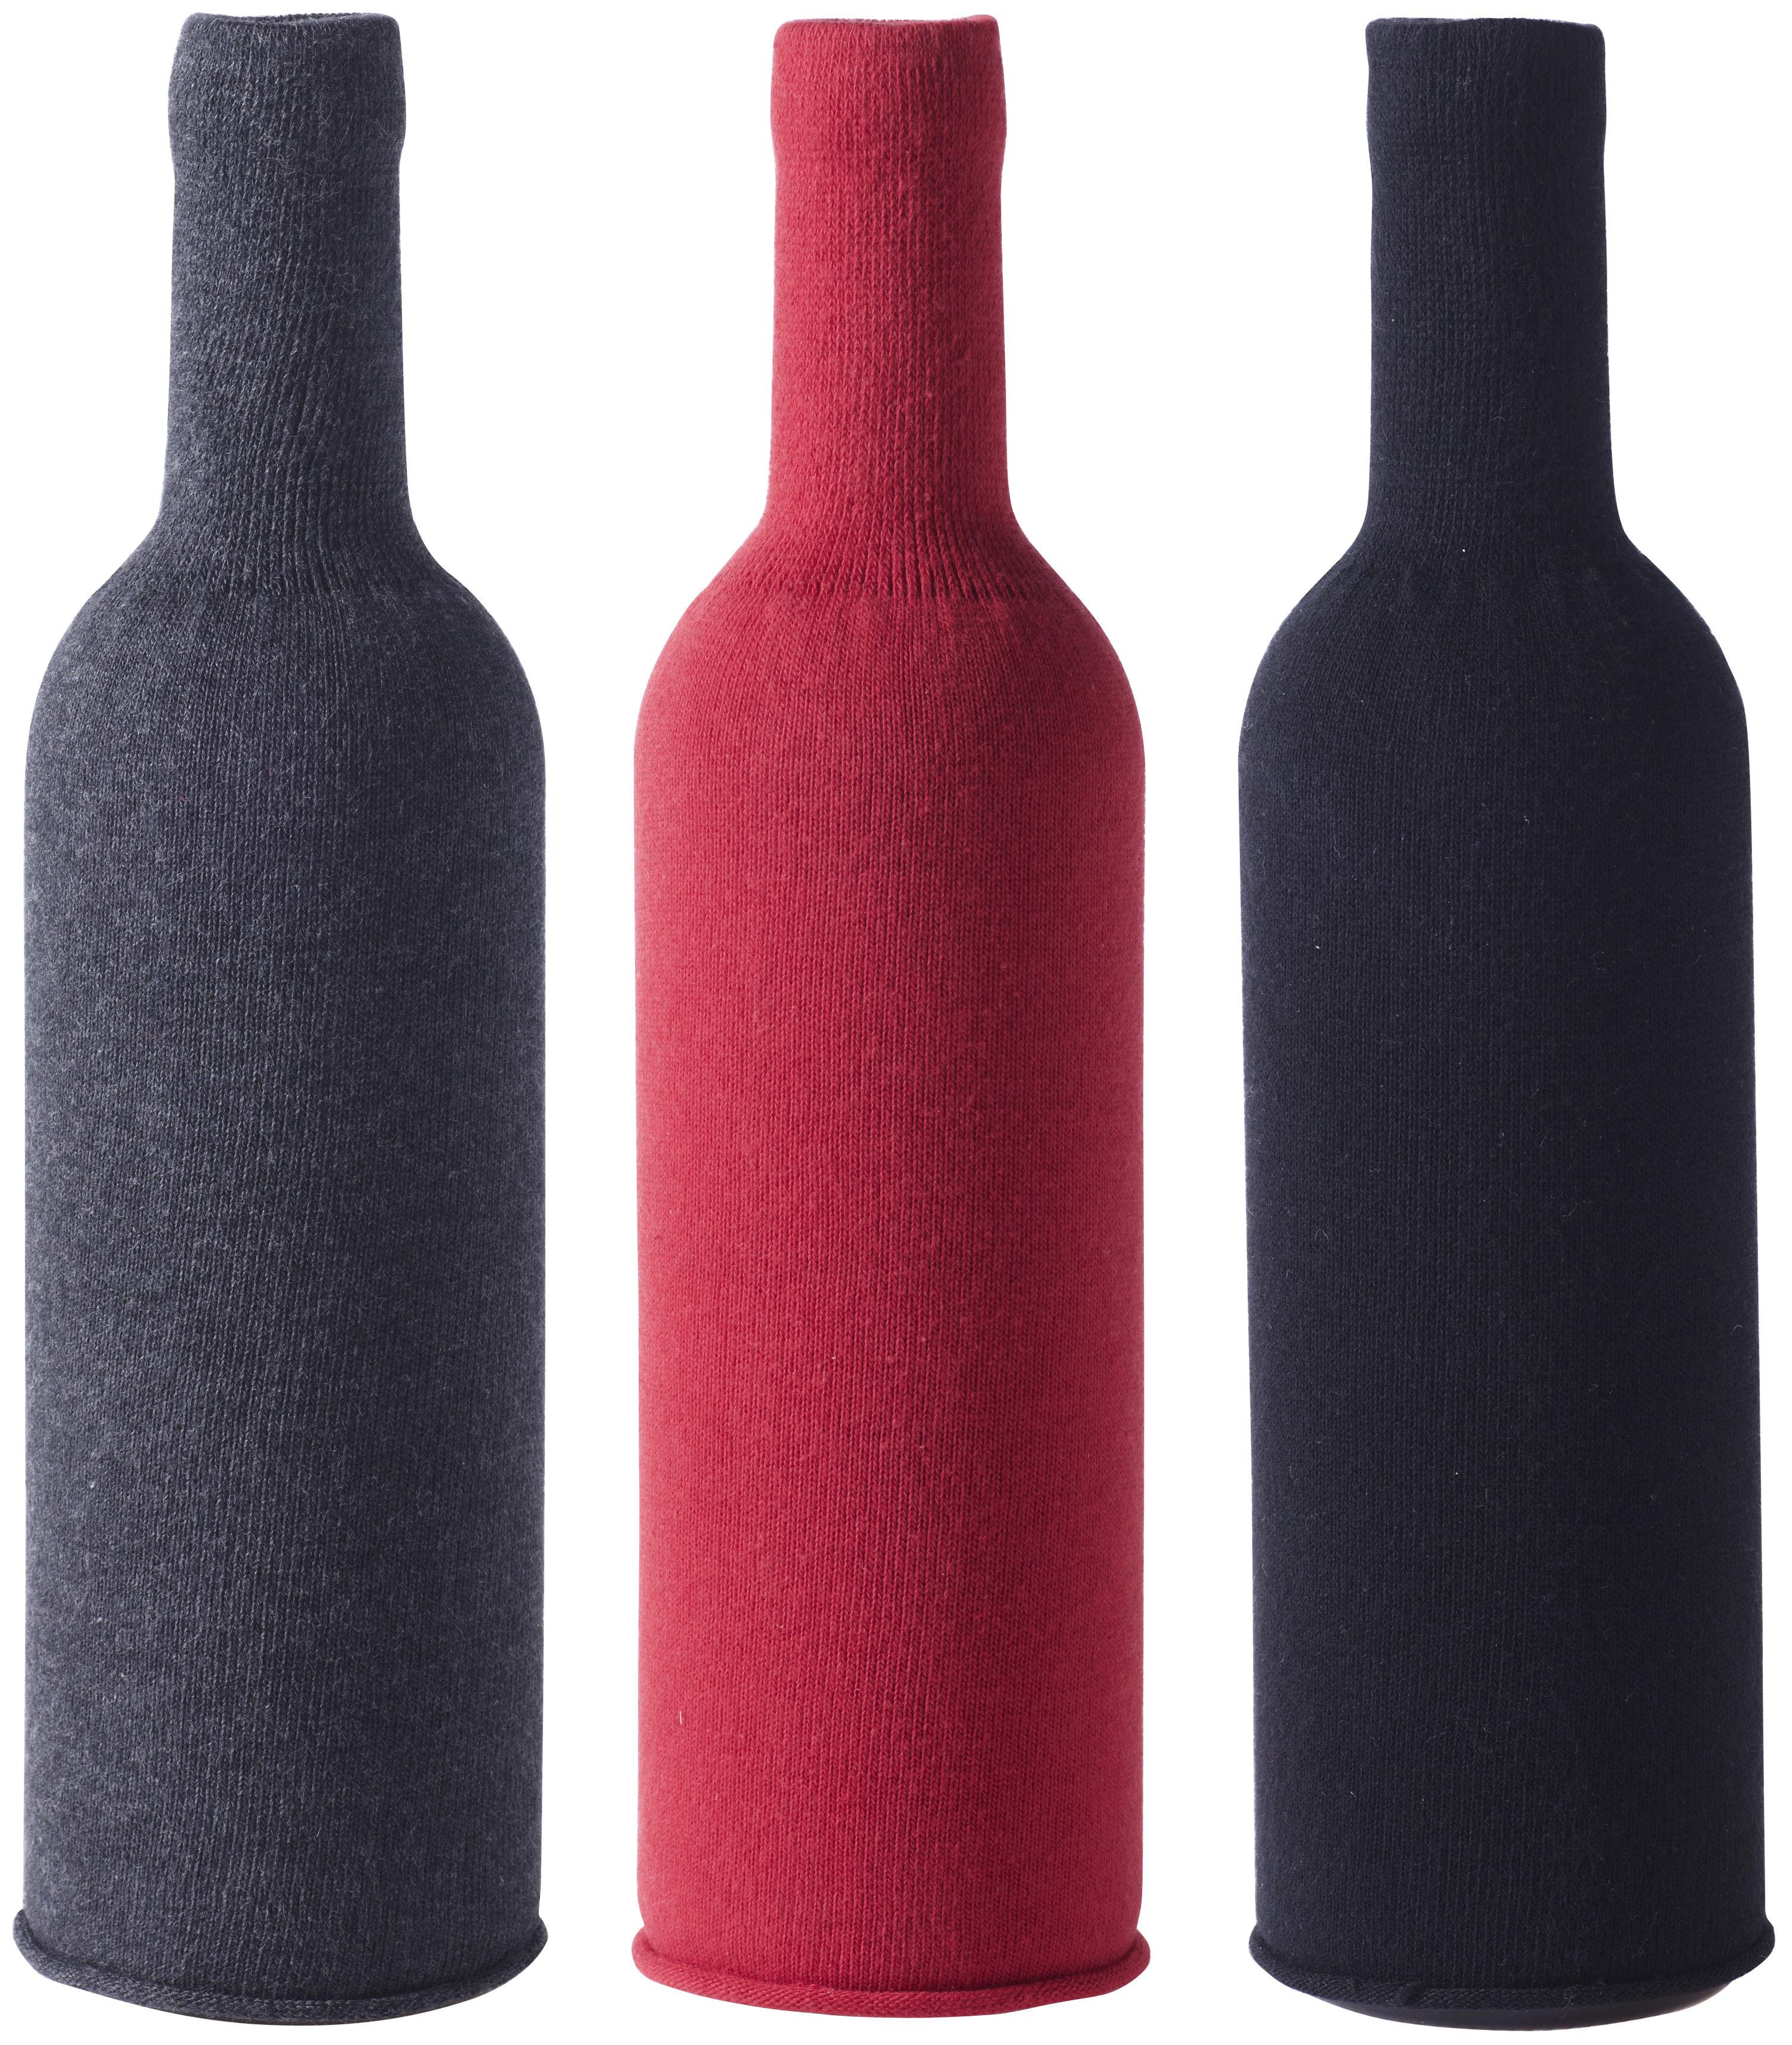 Tischkultur - Praktische Accessoires - Flaschenüberzug / 3er-Set - für Blindverkostungen - L'Atelier du Vin - Schwarz / anthrazit-grau / rot - Baumwolle, Elasthanne, Polyamid